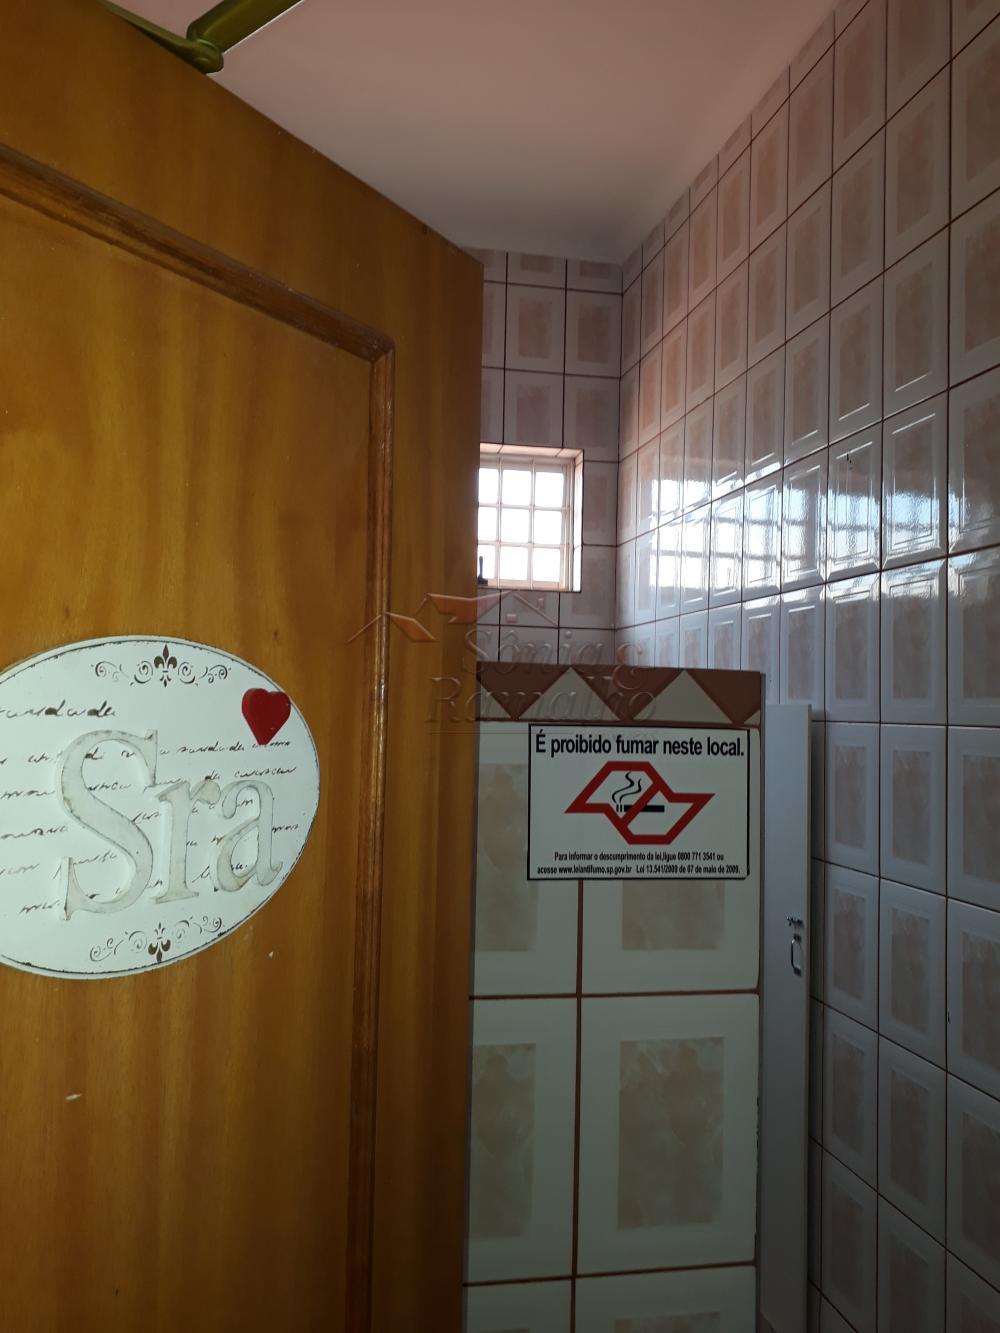 Alugar Casas / Comercial em Ribeirão Preto apenas R$ 2.800,00 - Foto 16